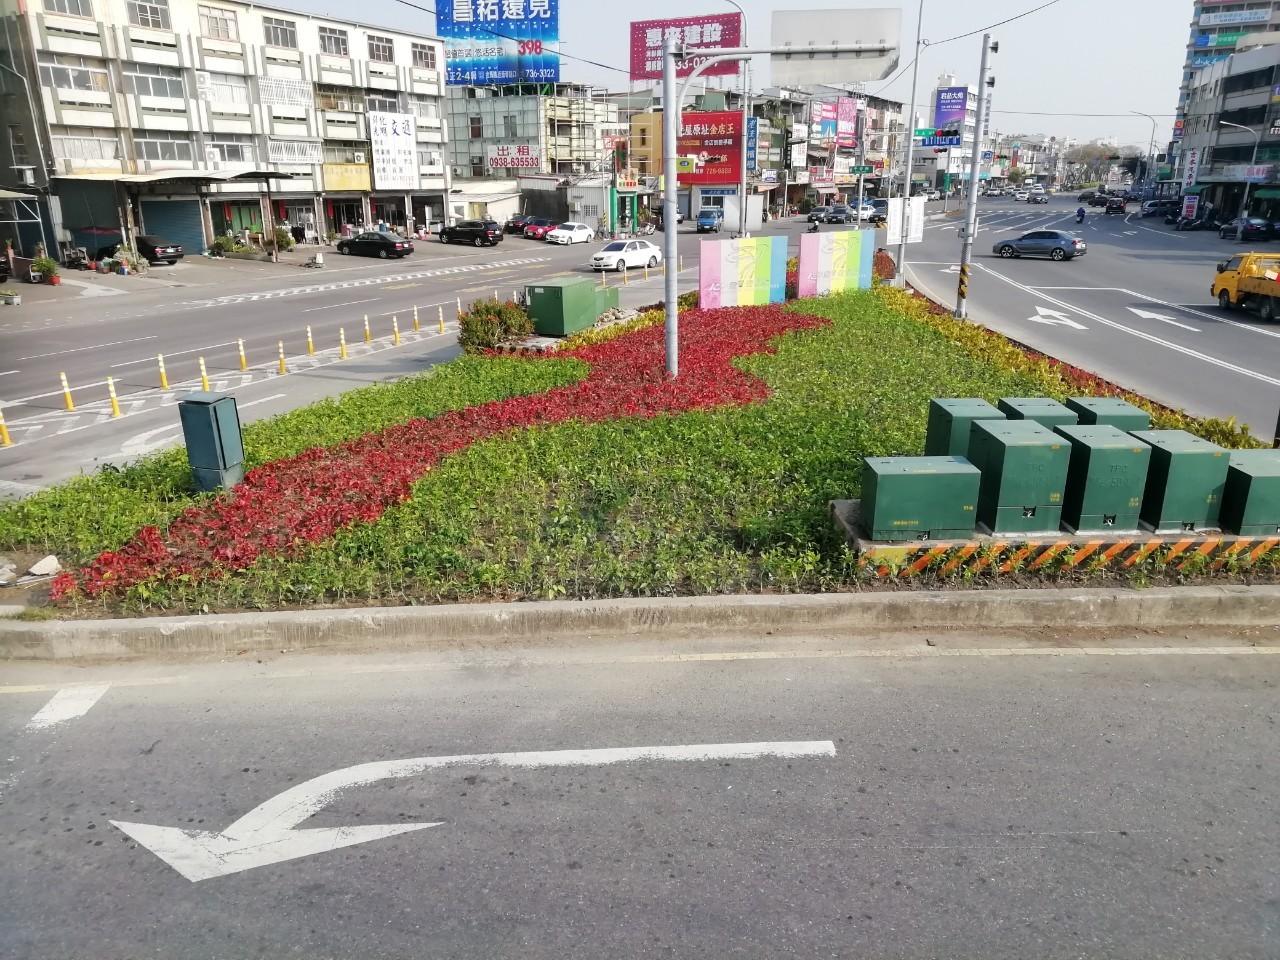 110年度彰化縣轄內交流道出入口及重點路段周邊區域美化執行成效